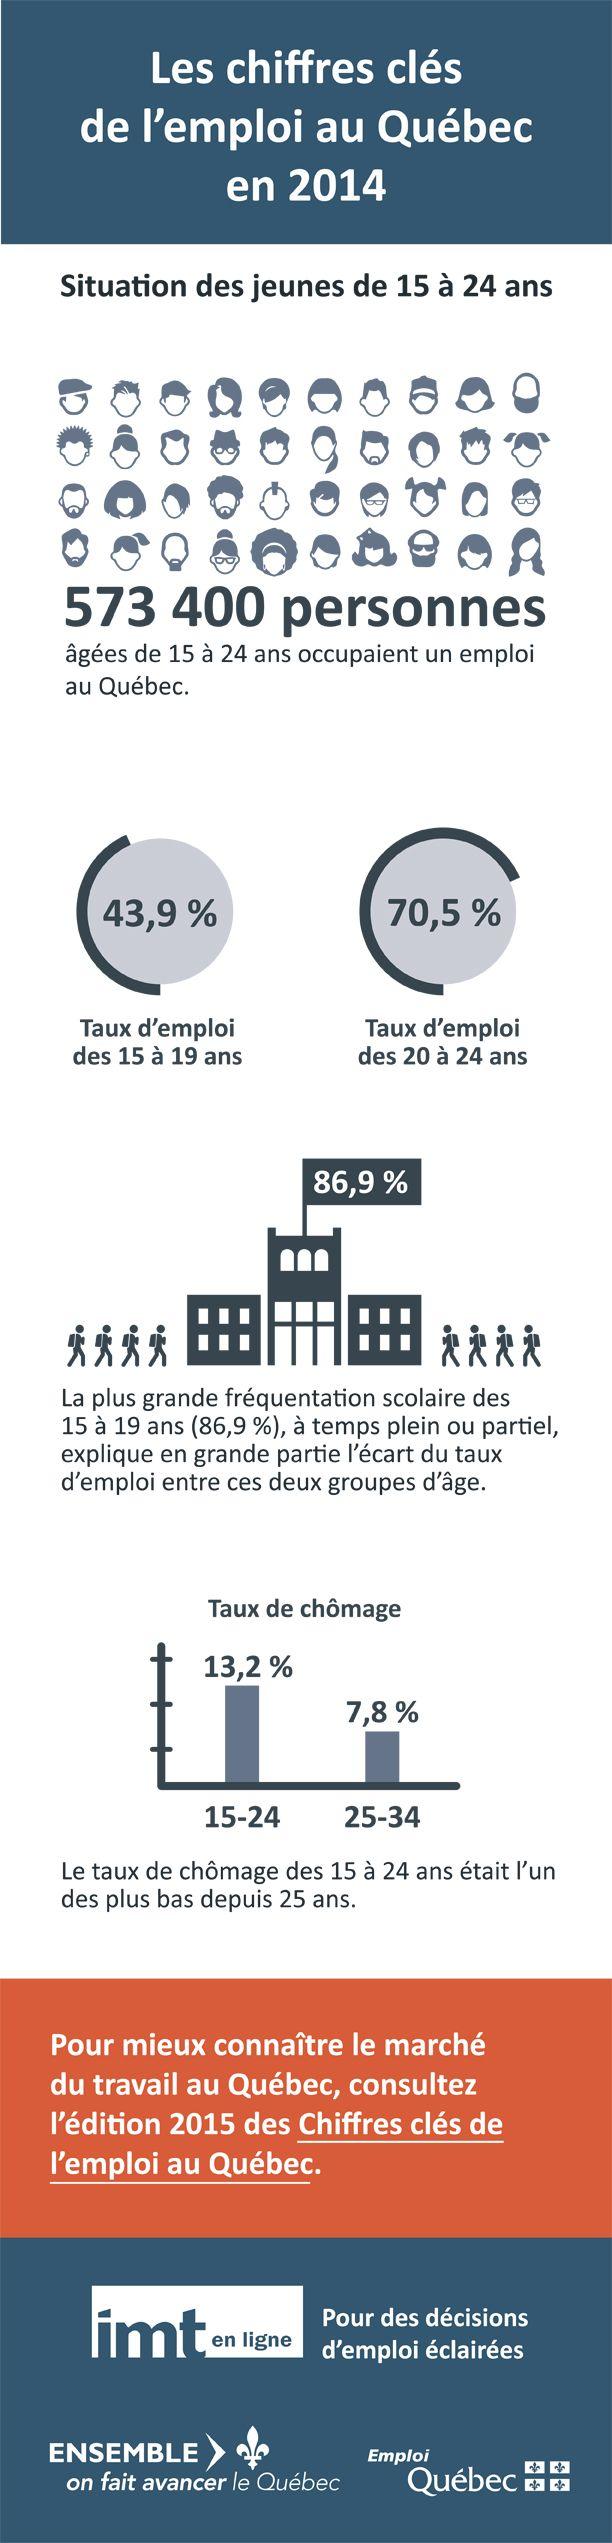 Les chiffres clés de l'emploi au Québec en 2014 - Situation des jeunes de 15 à 24 ans. Publié par Emploi-Québec au http://www.mess.gouv.qc.ca/emploi-quebec/infographie4_chiffres-emploi-2015.html